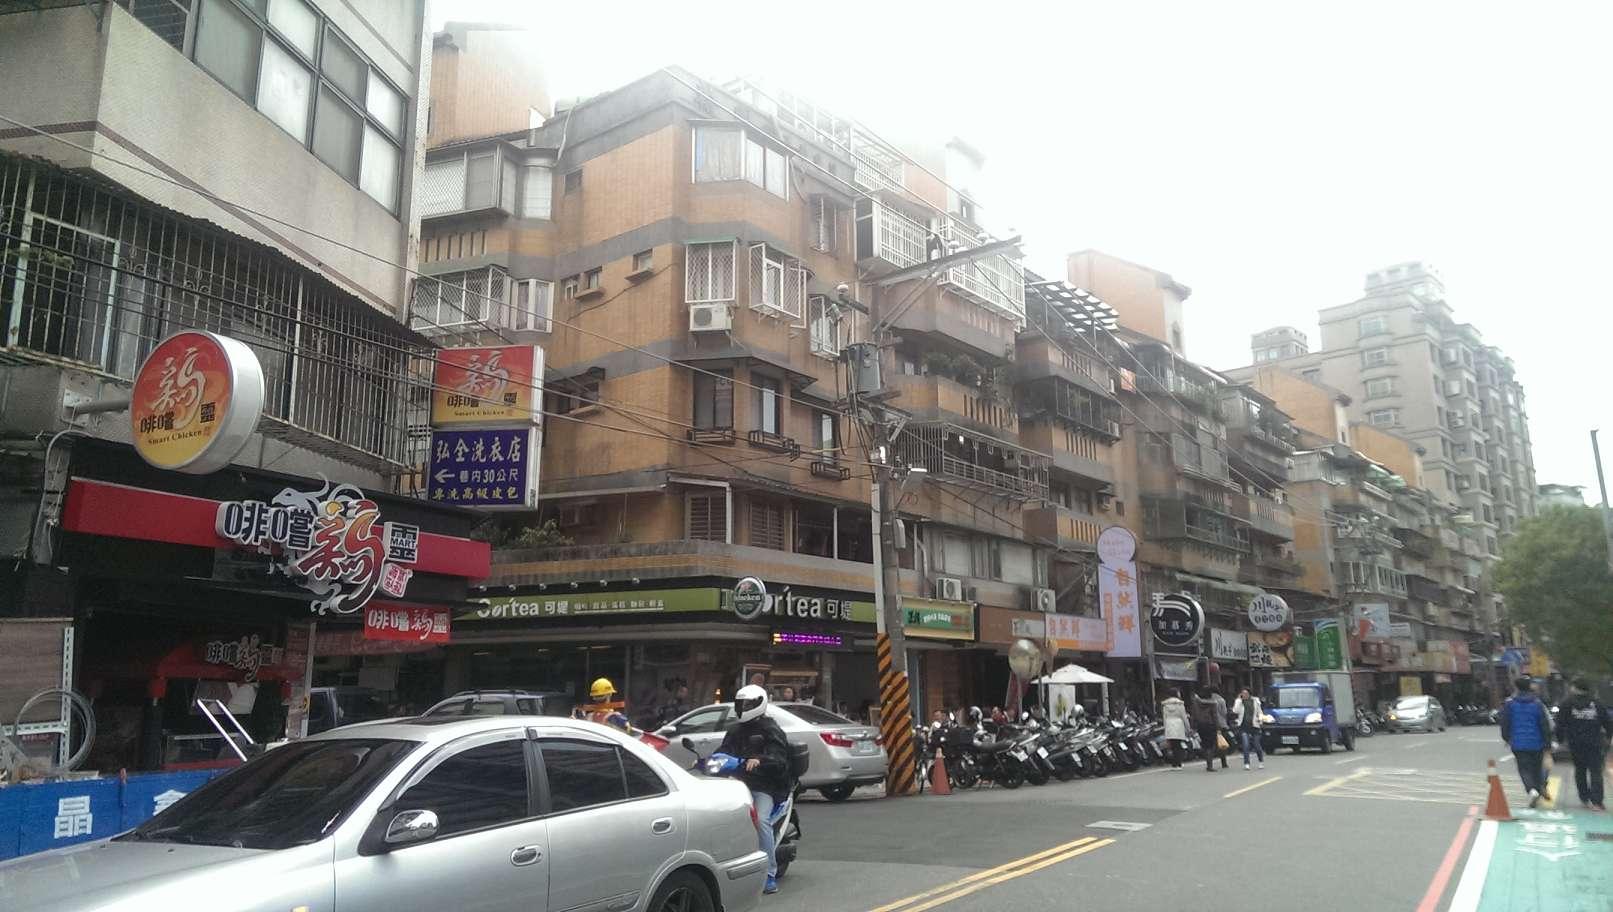 公寓-內科三角窗2樓-臺北市內湖區江南街